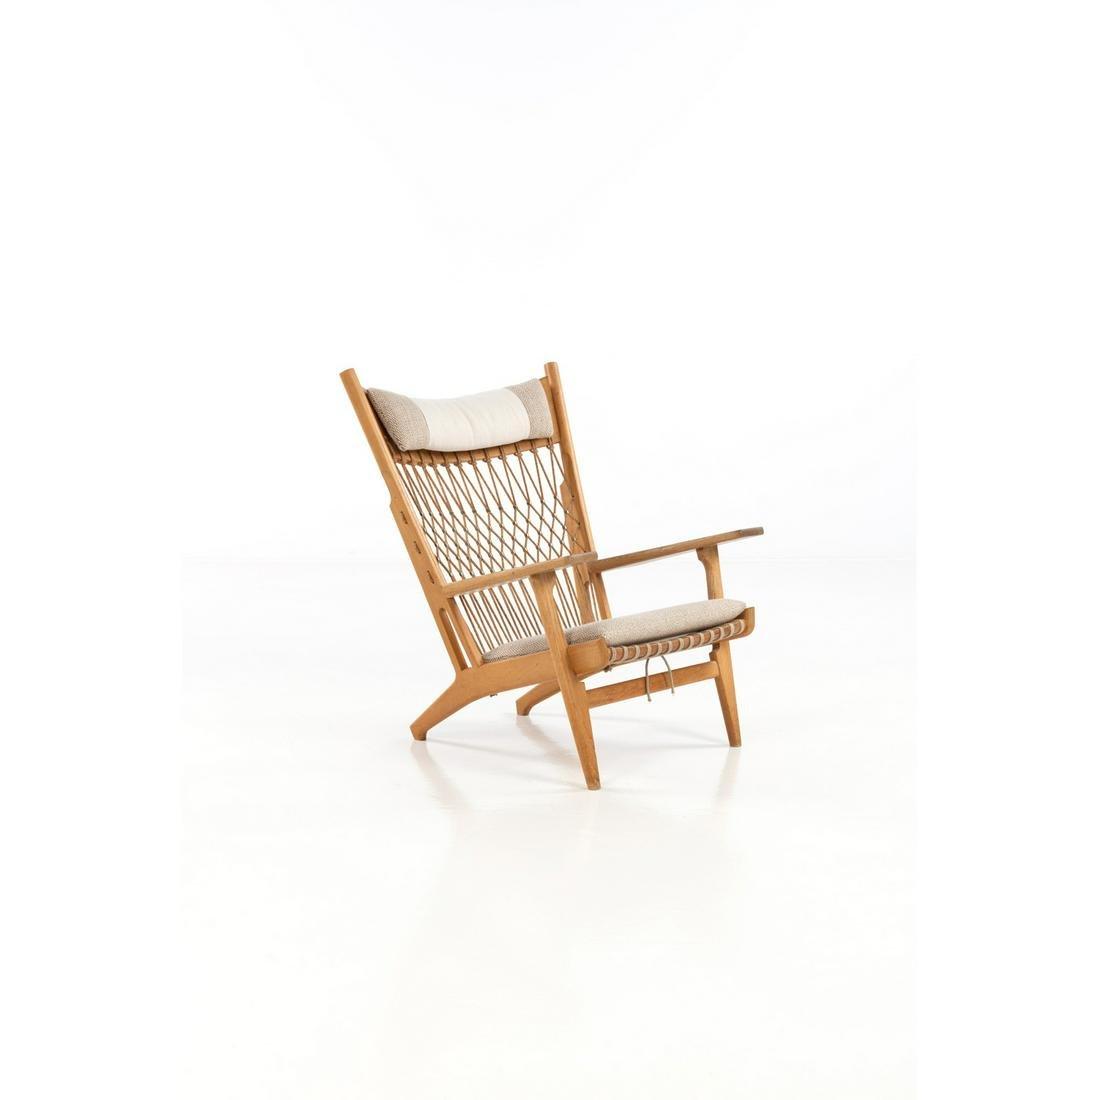 Hans J. Wegner JH 719 lounge chair